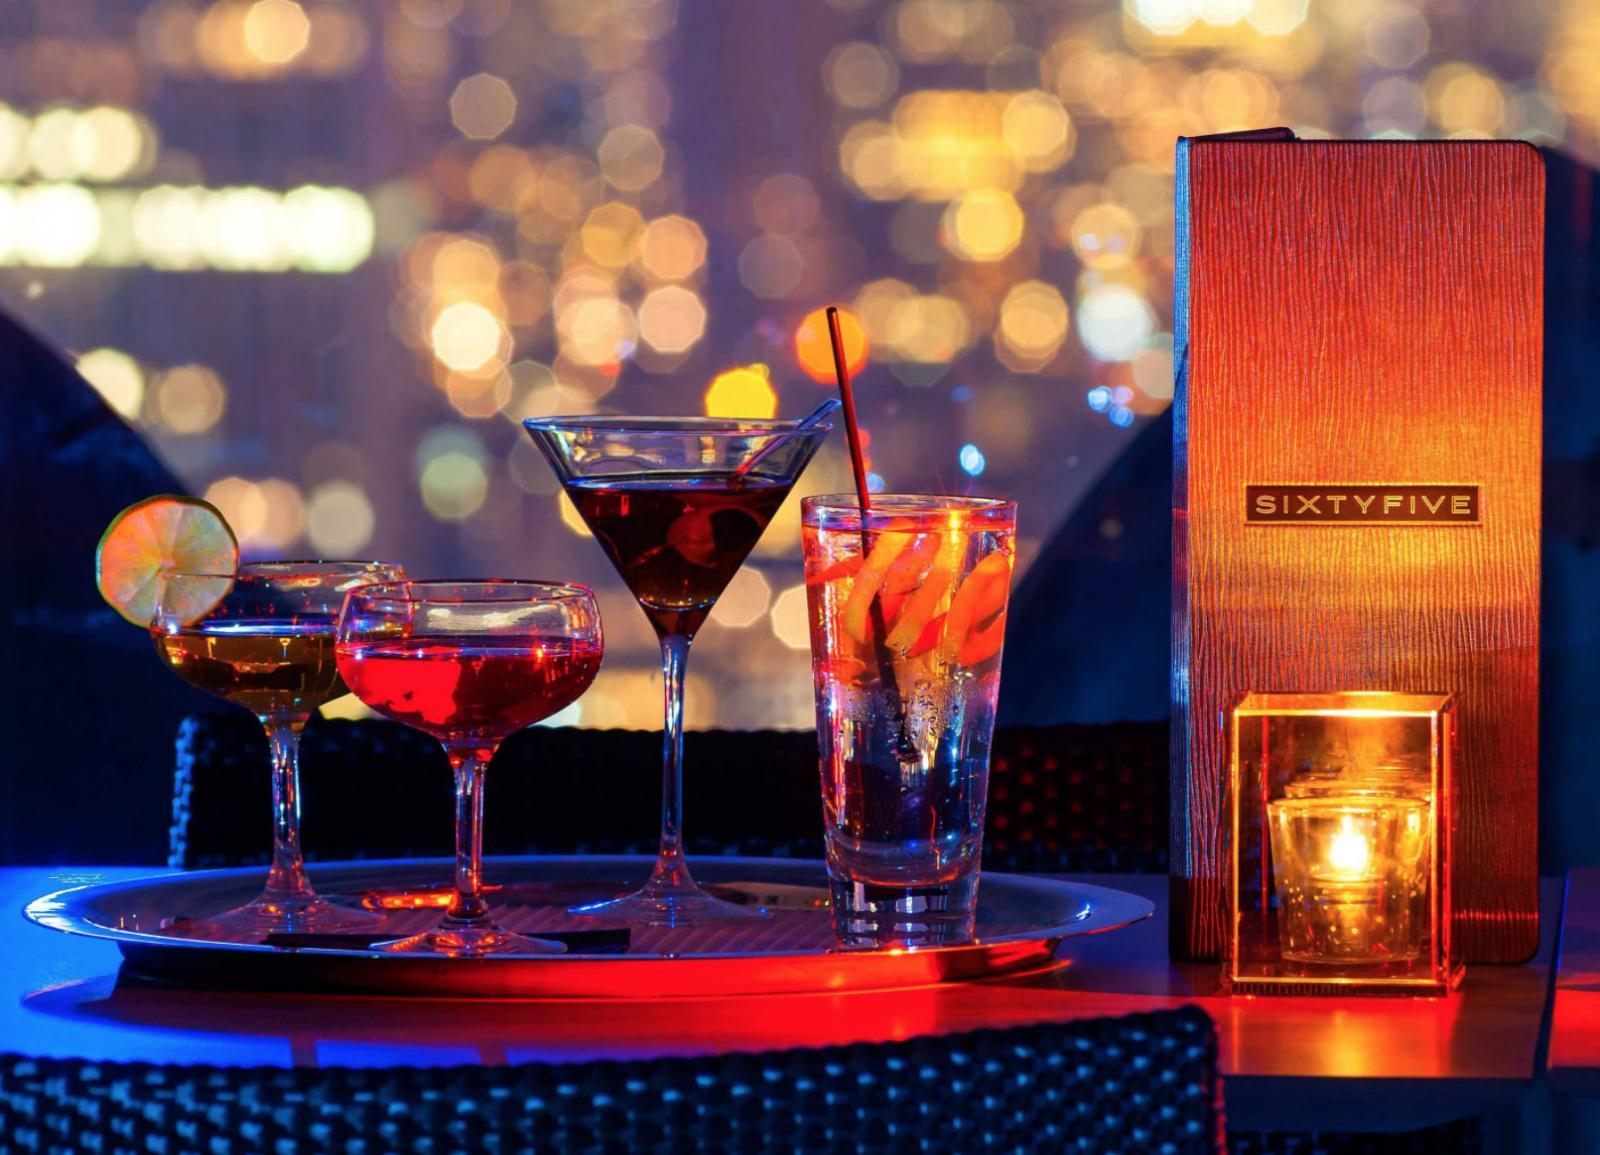 SixtyFive Bar und Rooftop-Lounge im legendären Rainbow Room